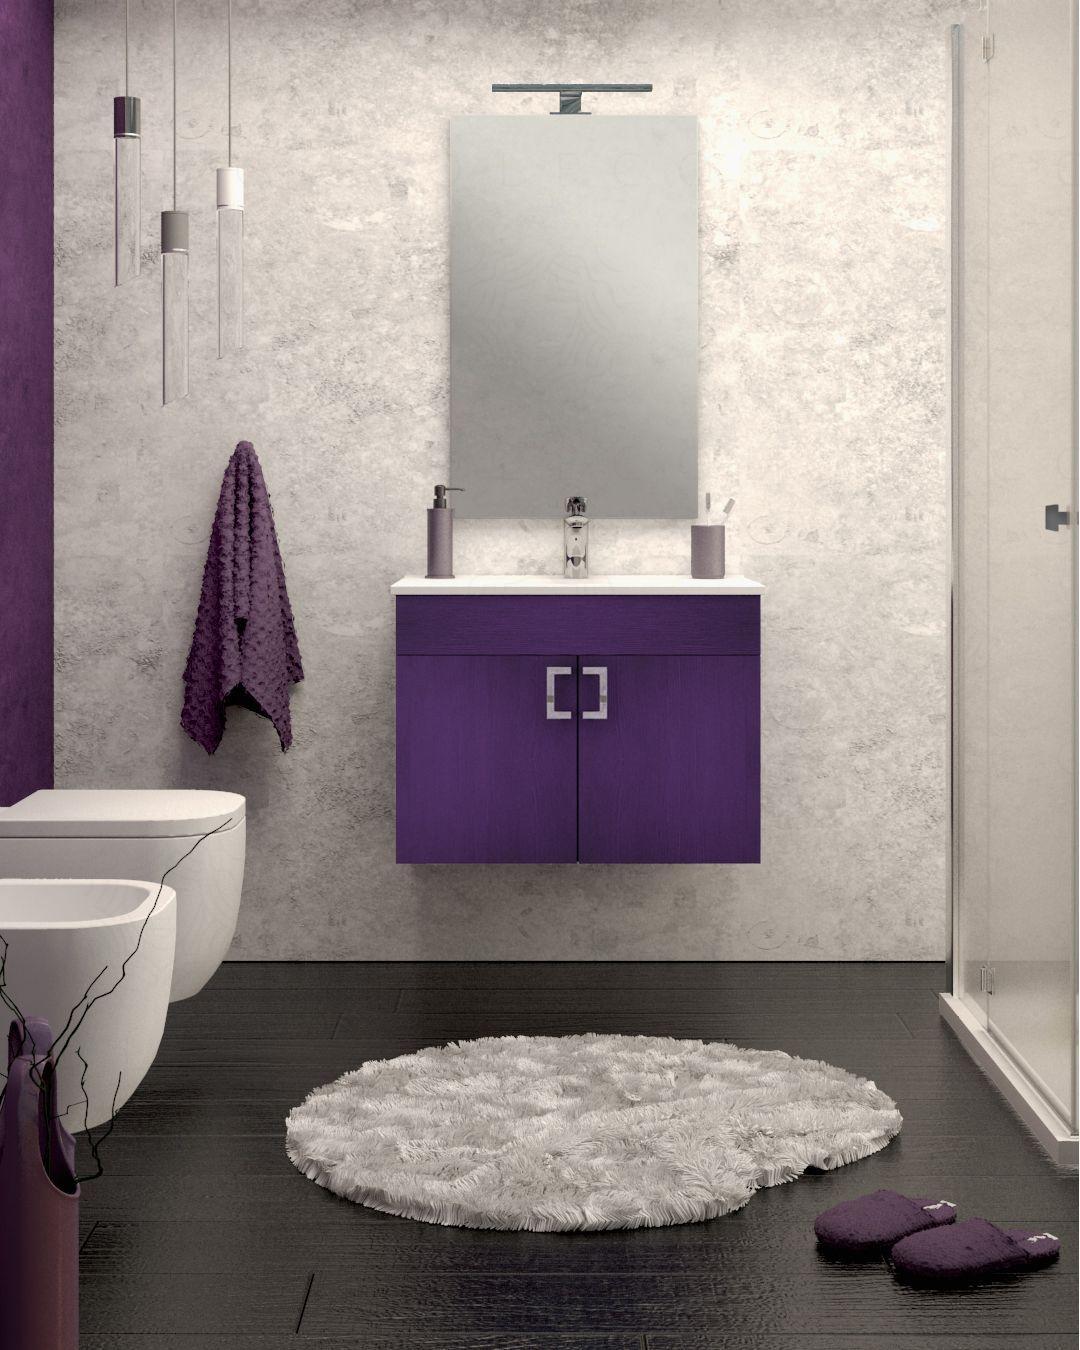 Mobile Bagno Sospeso Viola Cm 74 Completo Di Specchio Boleco